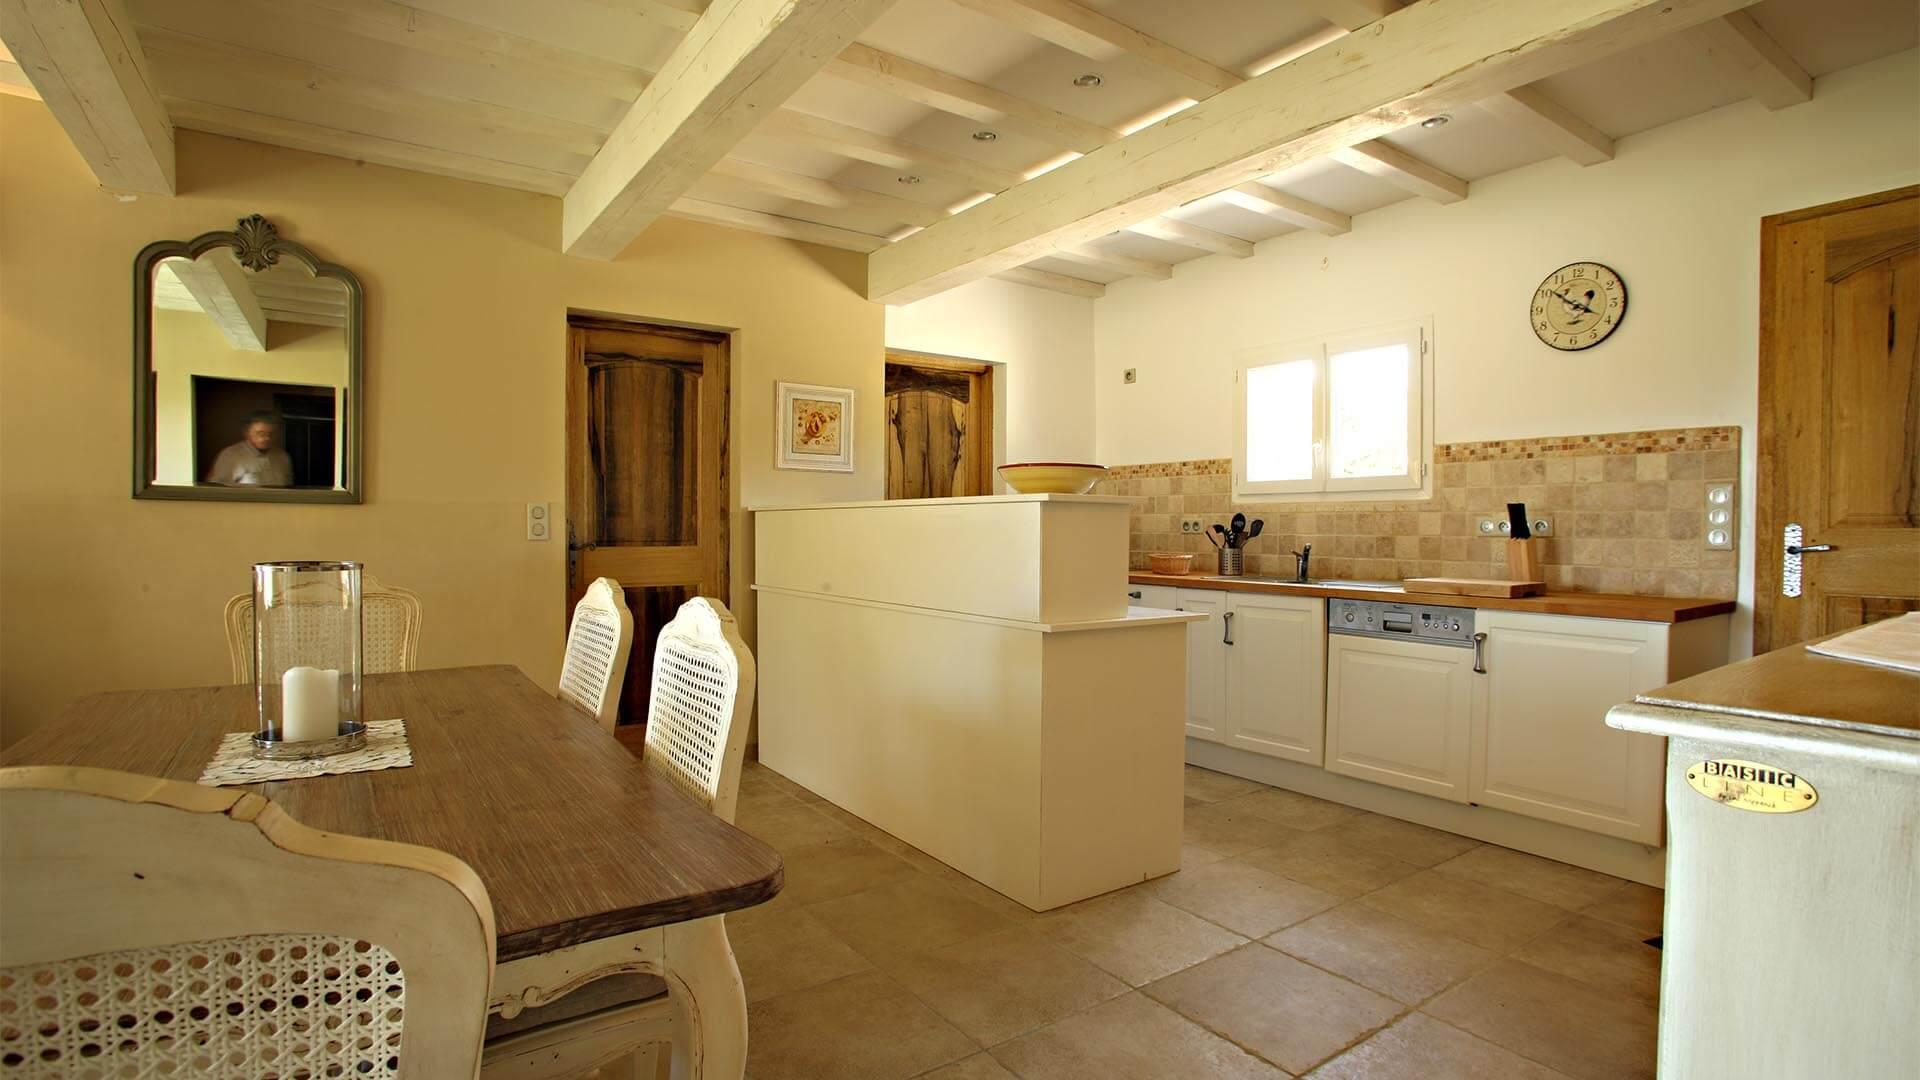 Location vacances 04 | Villa le mûrier blanc | Salle à manger et cuisine équipée